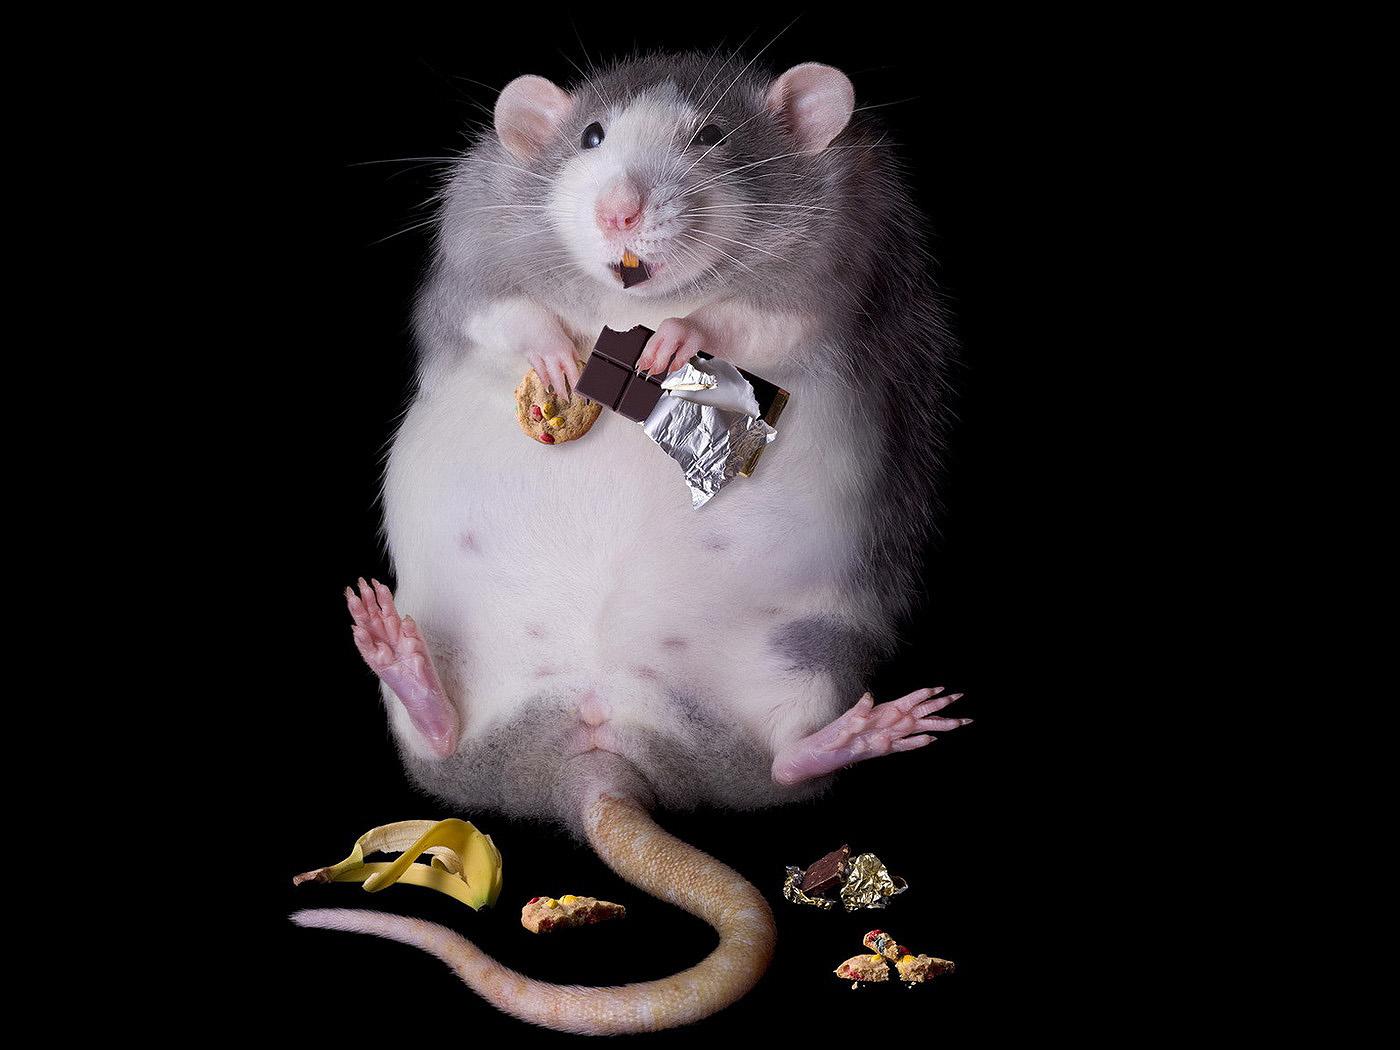 HDoboi.Kiev.ua - Толстая серая крыса, грызун, прикольные обои на телефон айфон